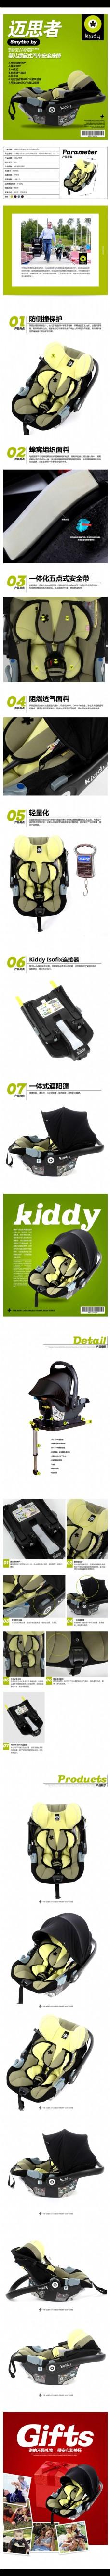 汽车用品详情页ideapie (13)